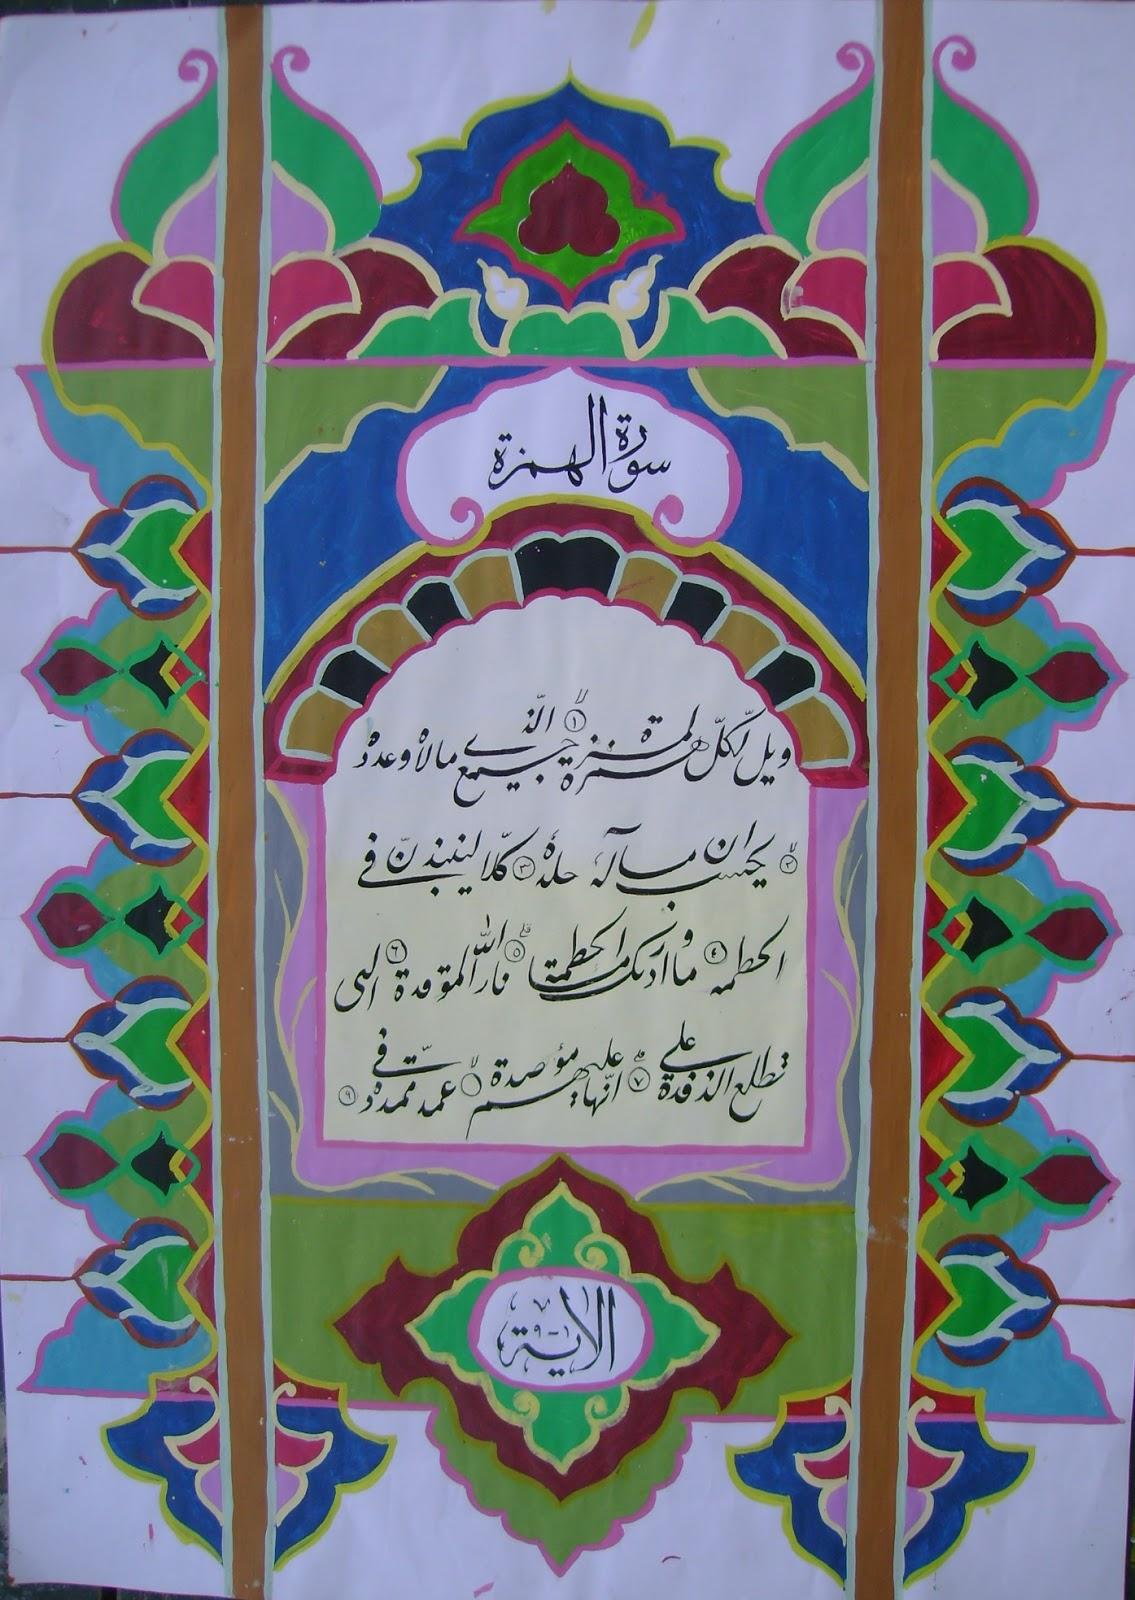 Kumpulan Kaligrafi Lukisan Mushaf Ocean Of Music Word